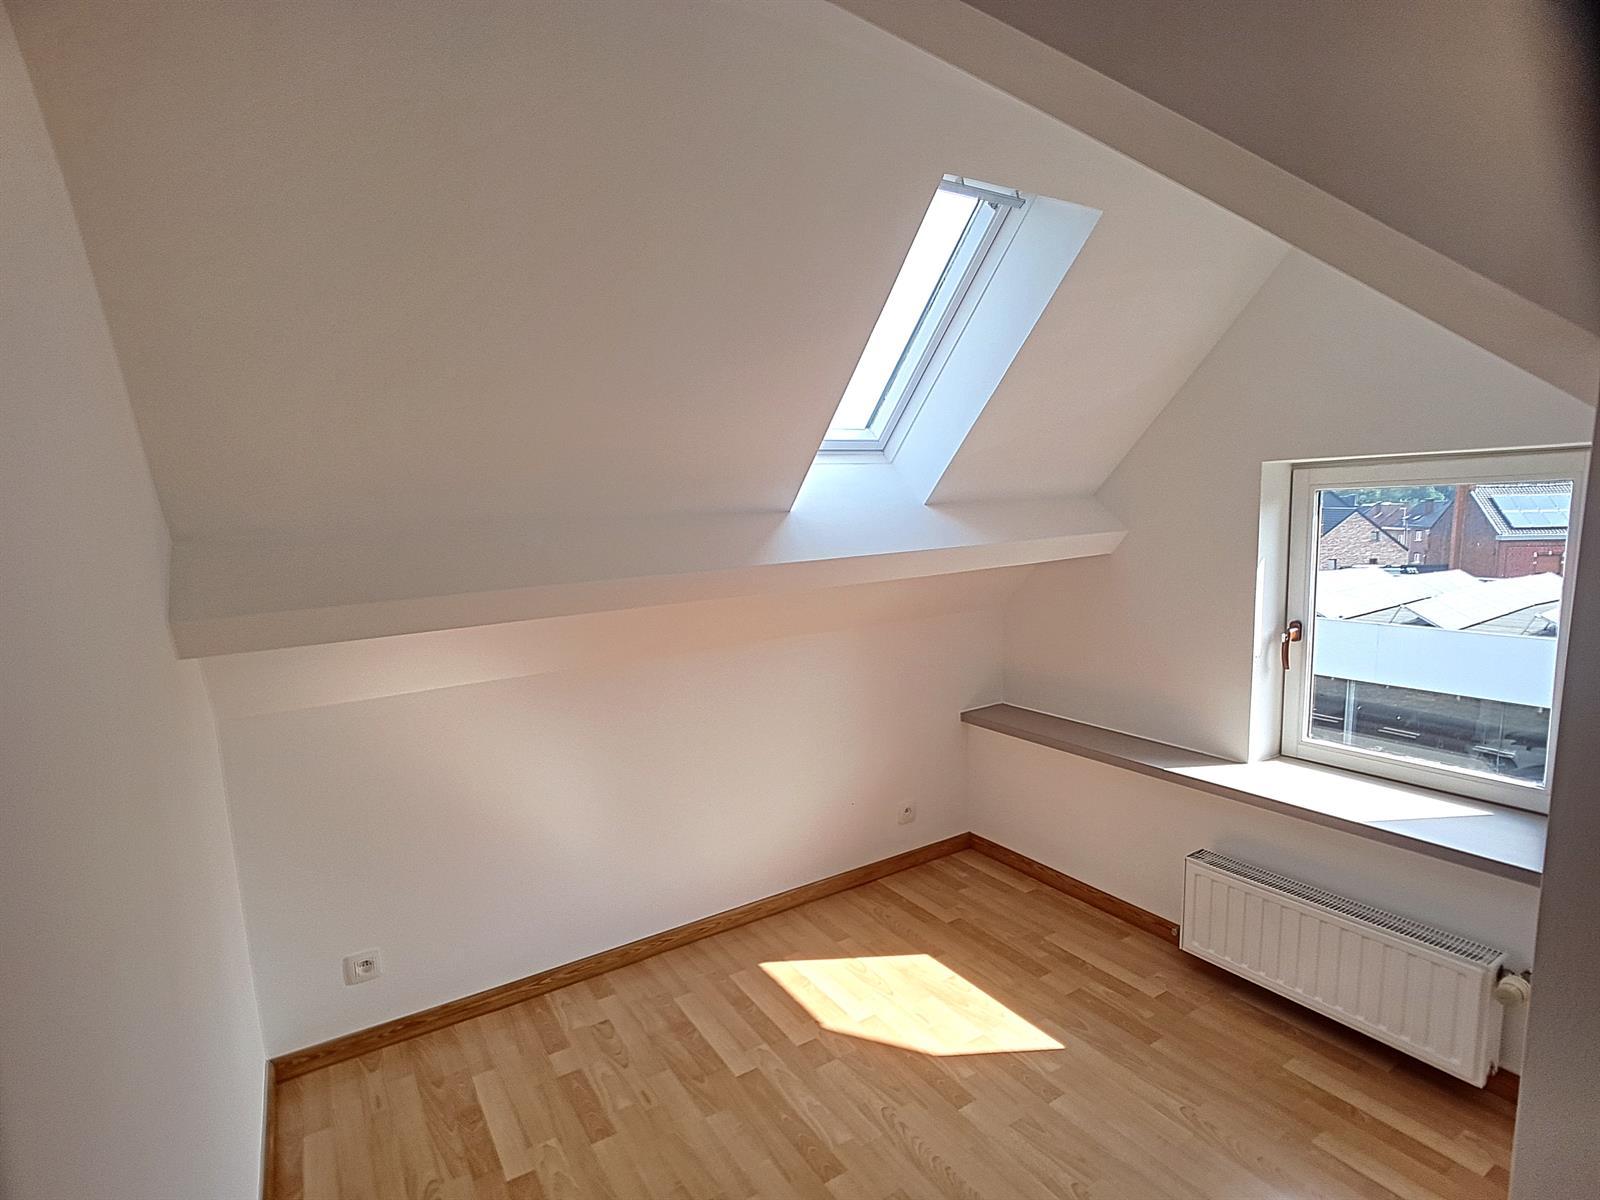 Duplex - Ottignies-Louvain-la-Neuve Céroux-Mousty - #3847042-7